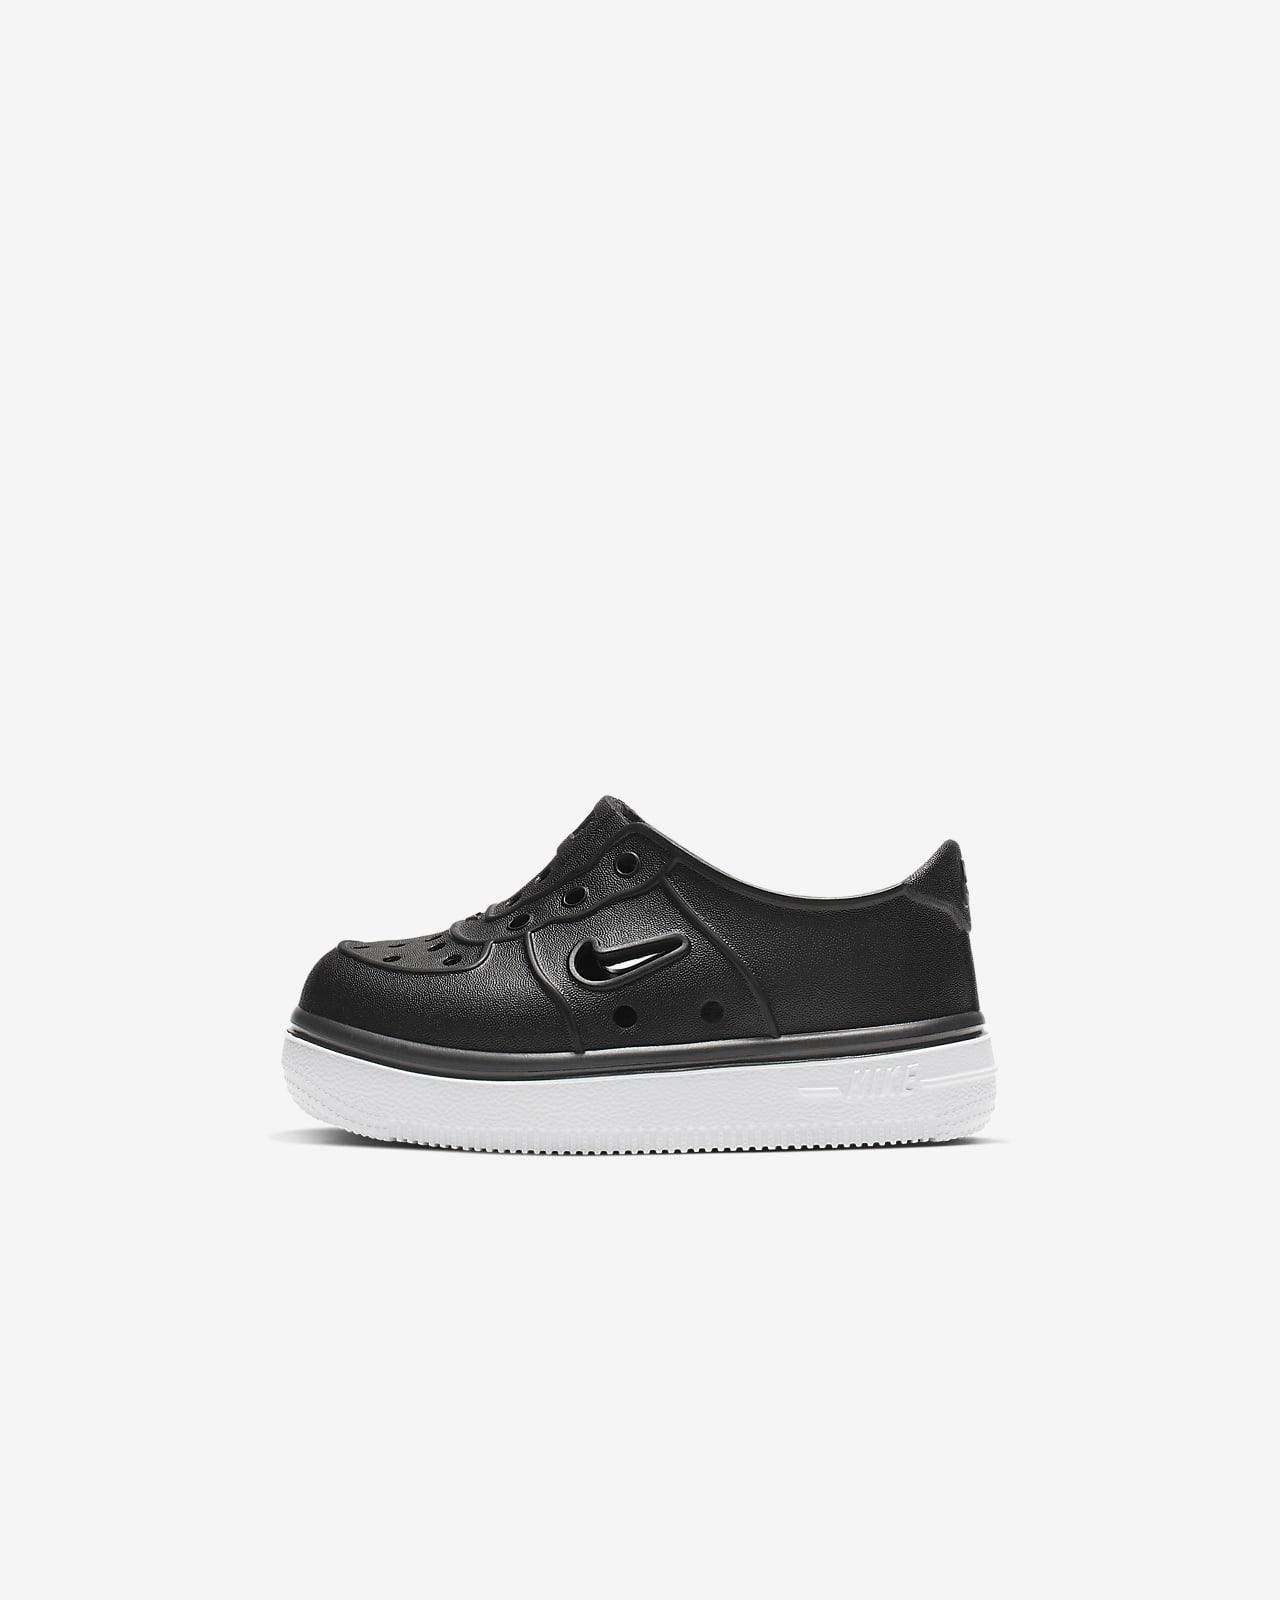 Nike Foam Force \u0026 Toddler Shoe . Nike ID